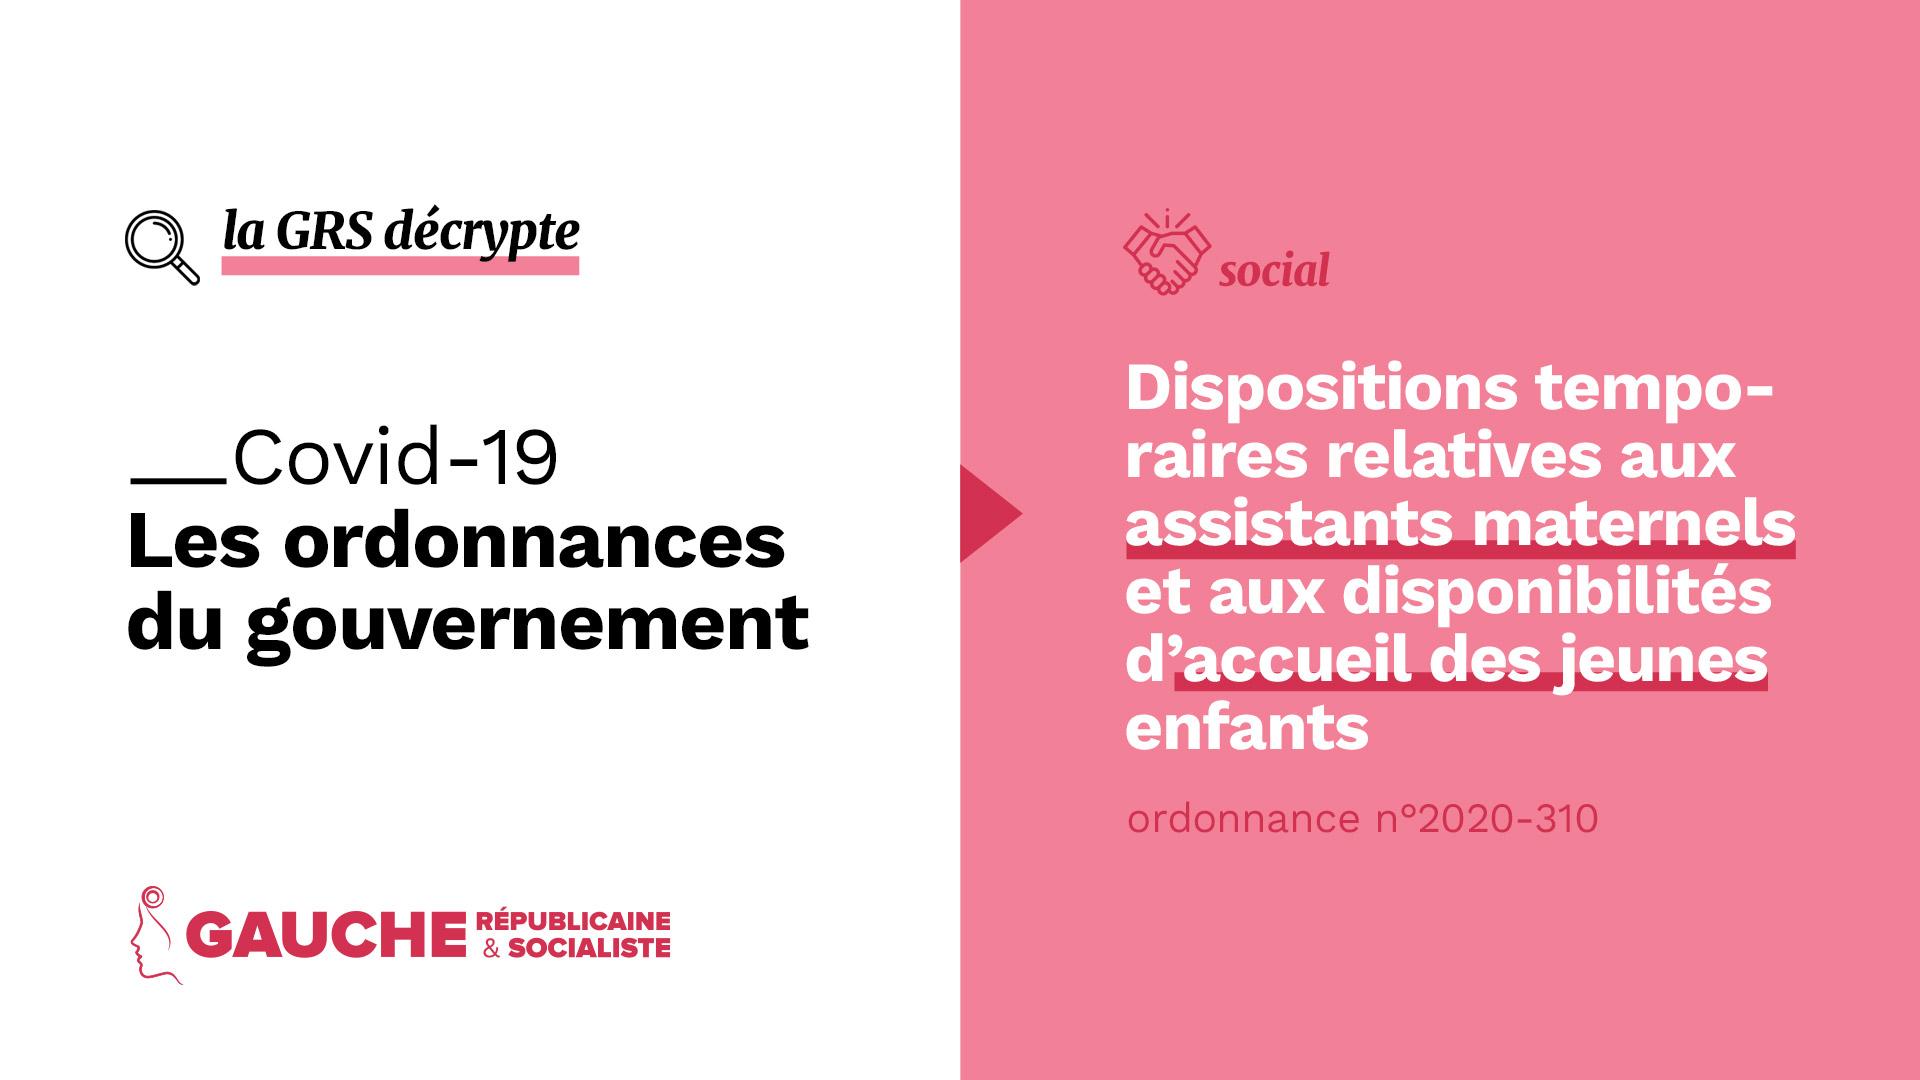 Ordonnance n° 2020-310 du 25 mars 2020 portant dispositions temporaires relatives aux assistants maternels et aux disponibilités d'accueil des jeunes enfants